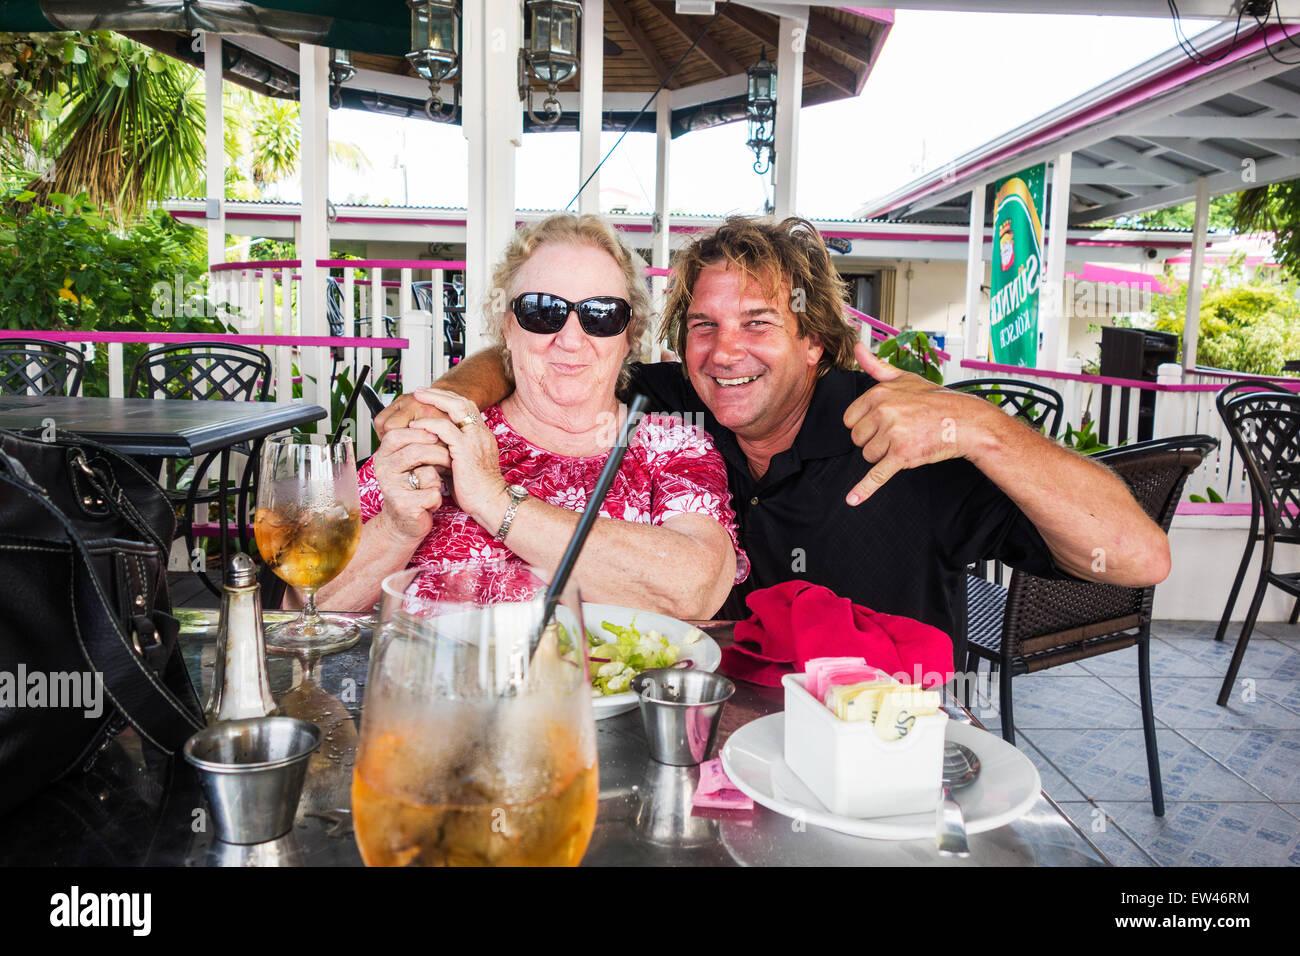 A 78 anni donna caucasica è imbarazzato da un estraneo abbraccio sulla terrazza di un caffè sulla spiaggia. Immagini Stock